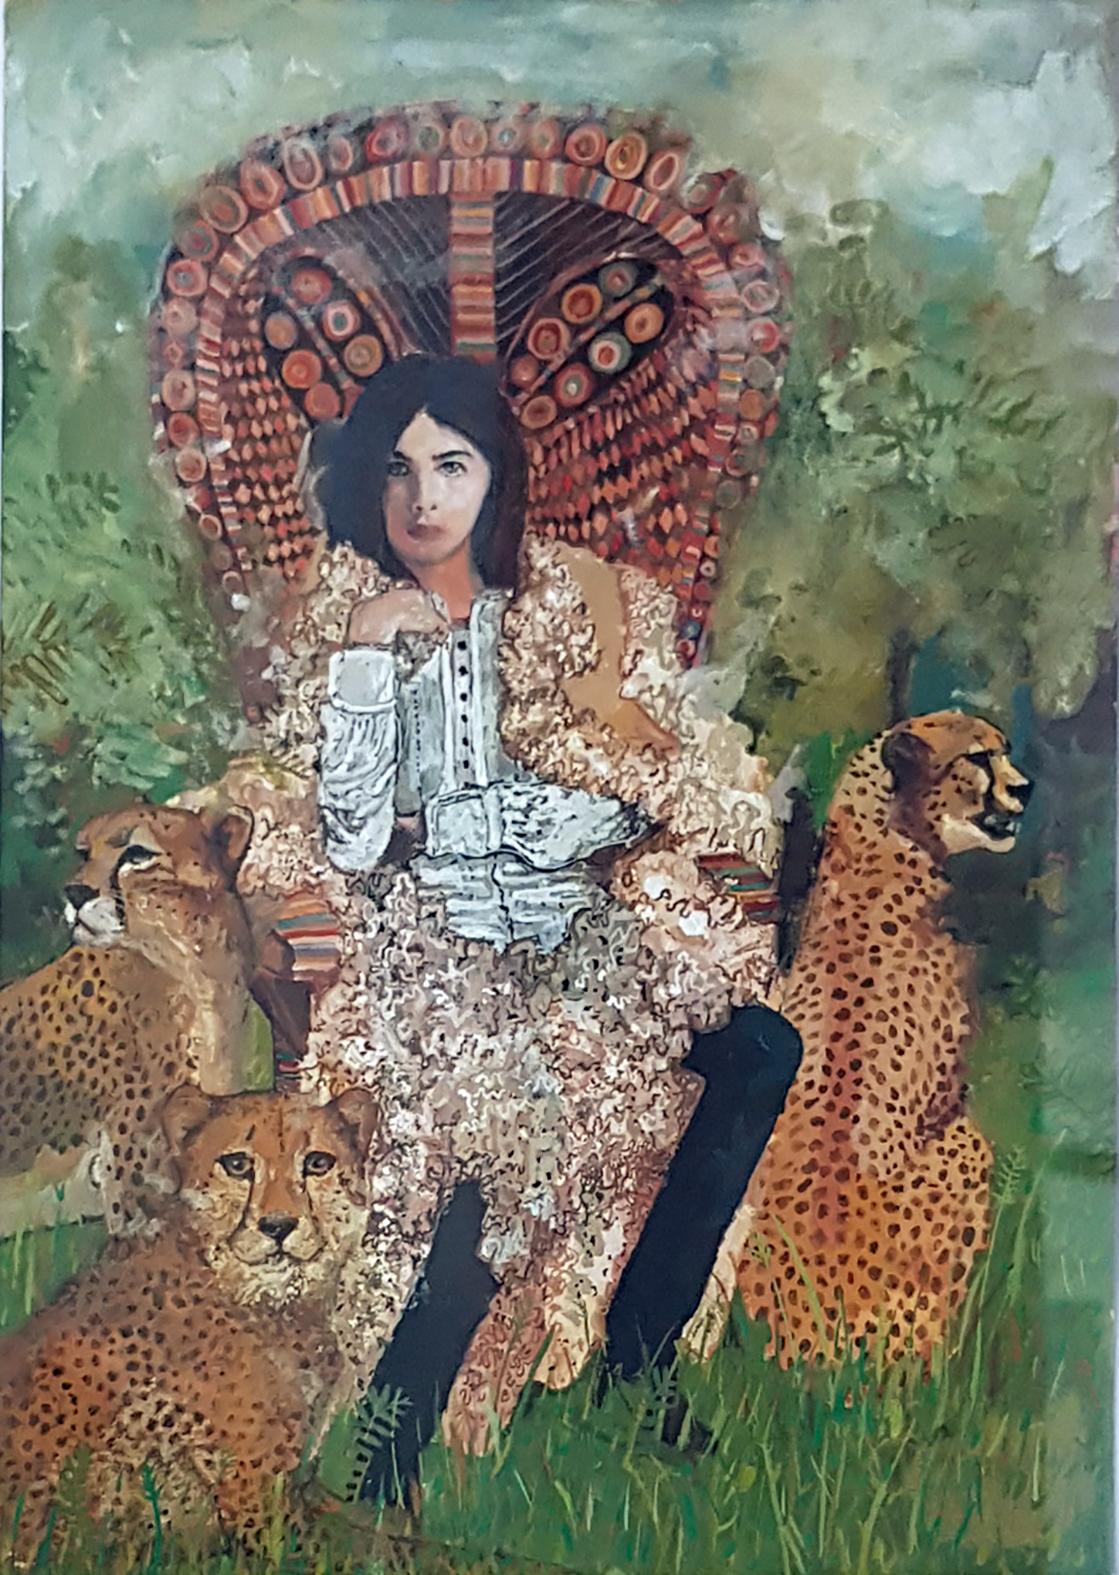 Cheetah's Lair